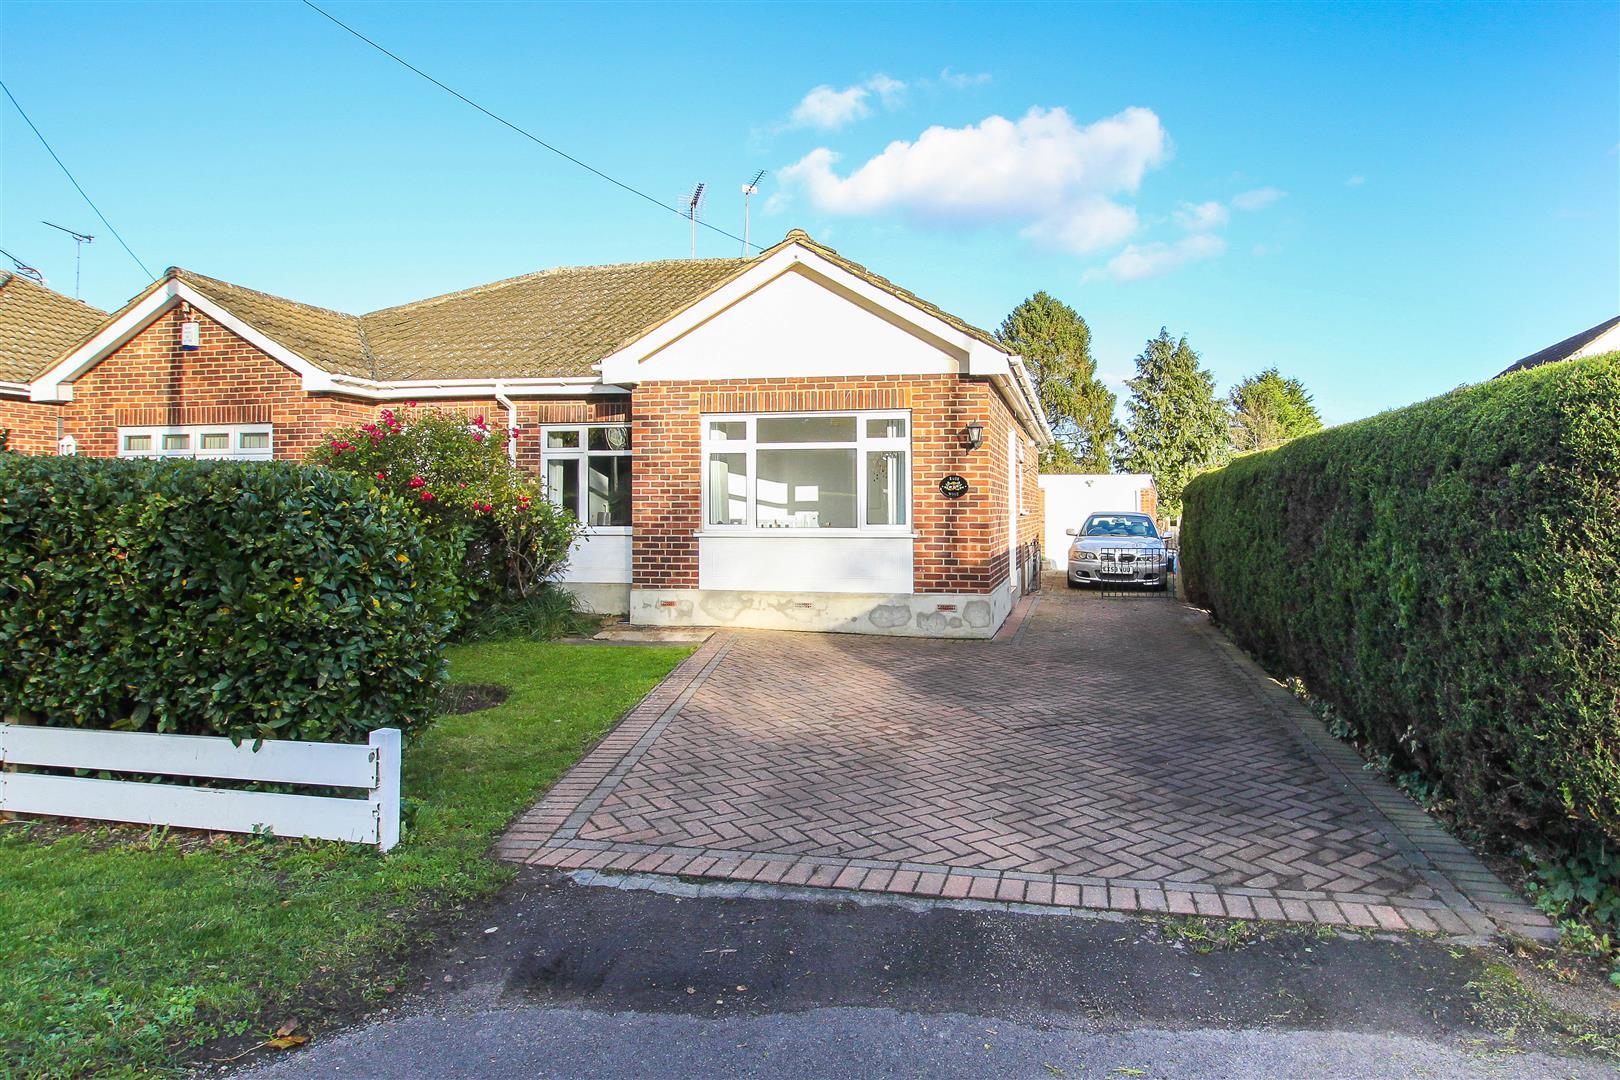 Doddinghurst Road, Doddinghurst, Brentwood